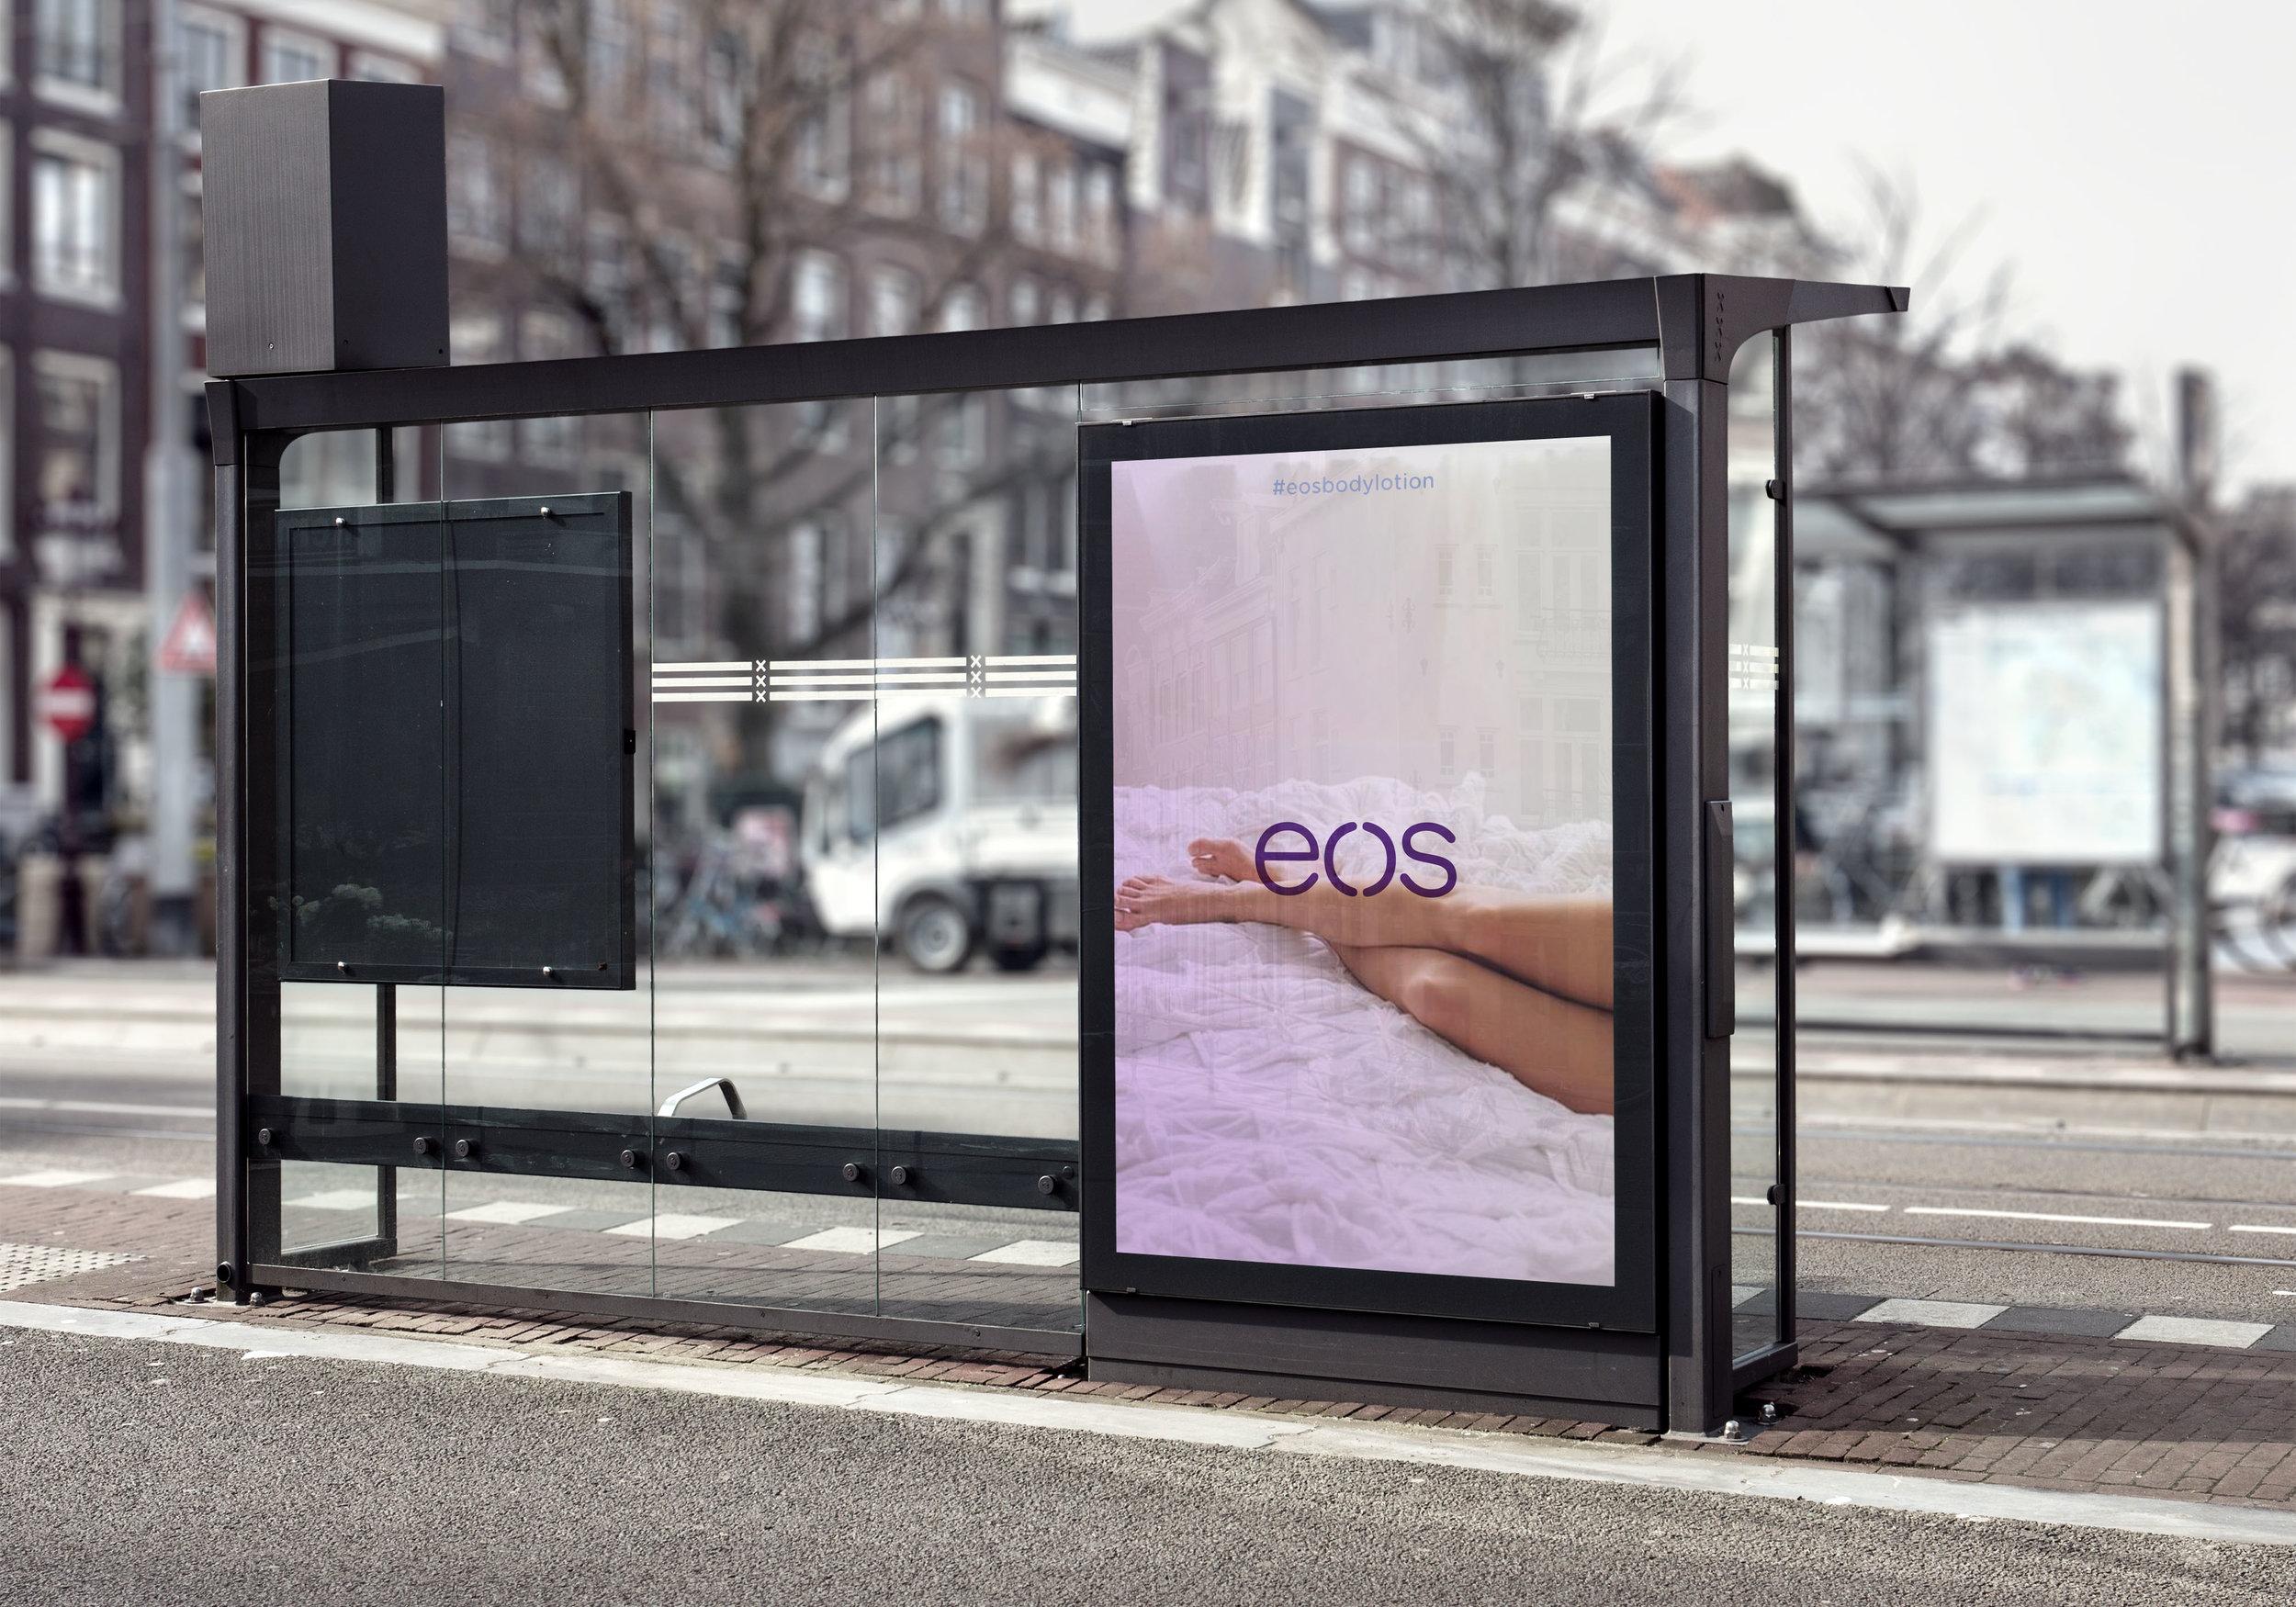 busstopmock copy.jpg